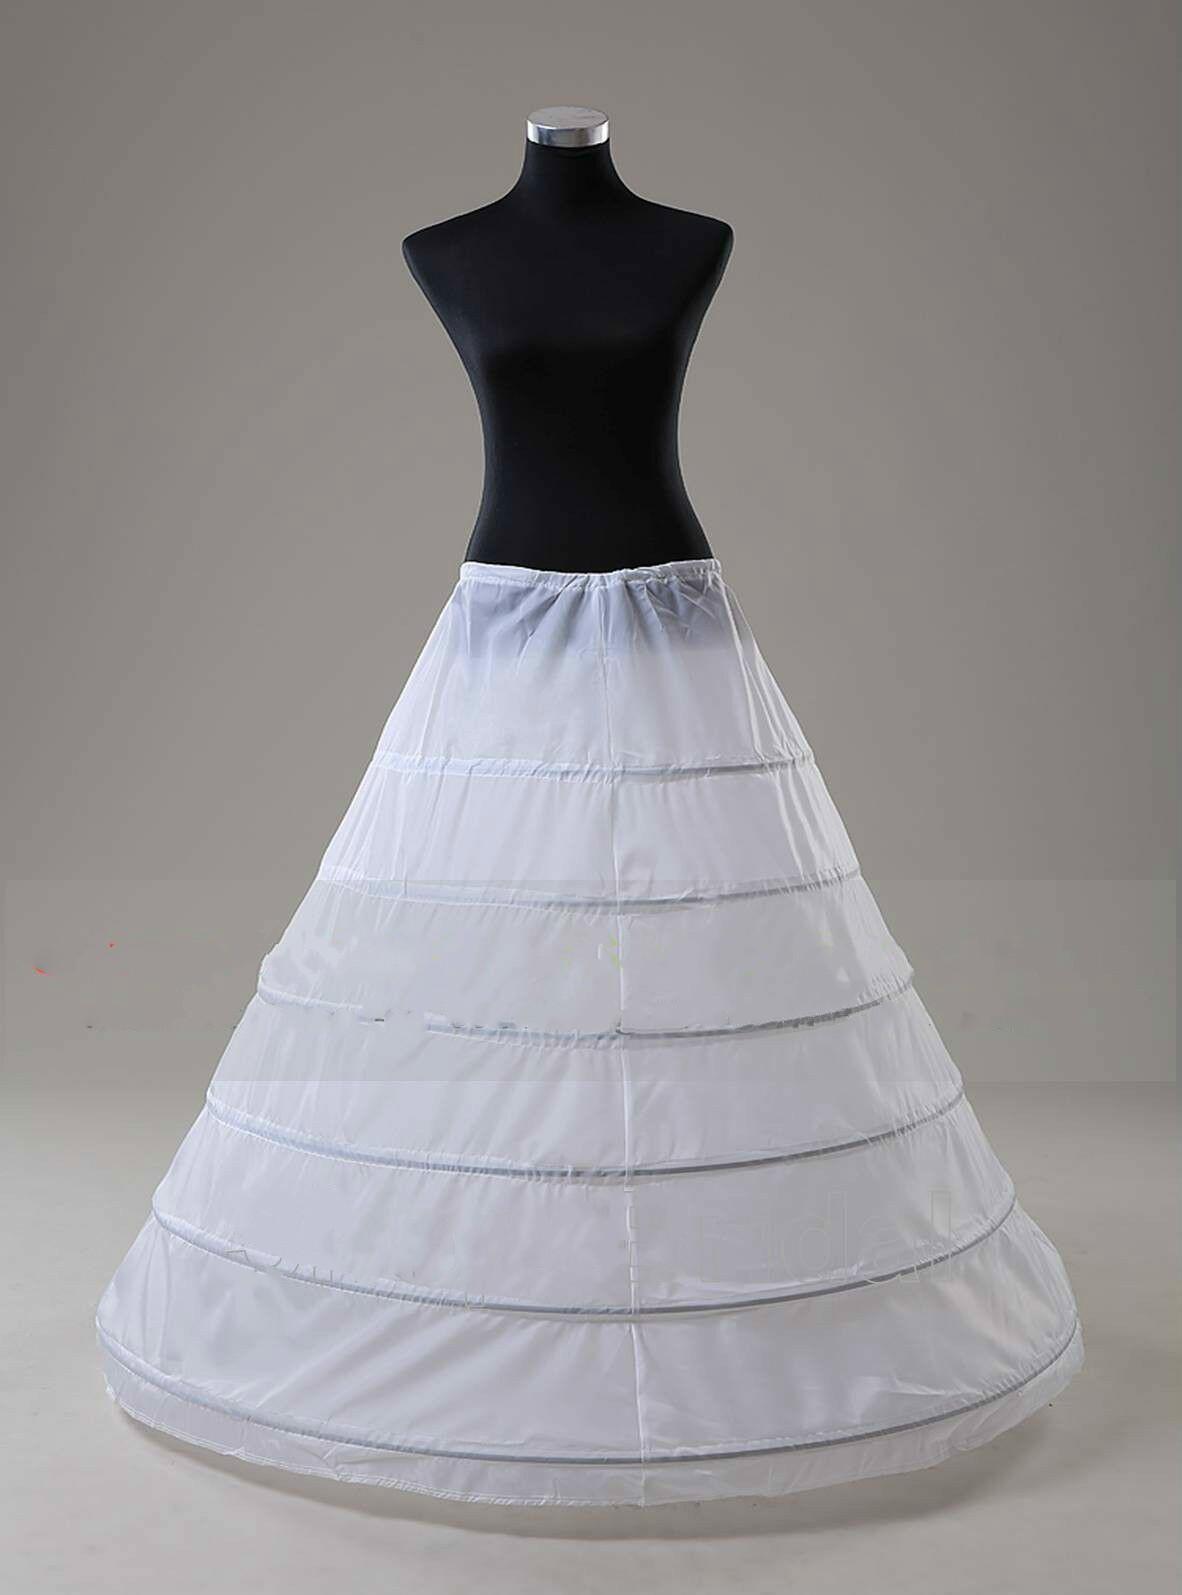 Weiß 6 HOOP eine Linie Brautballkleid Kleid Silps Krinoline PetticoatUnderskirt